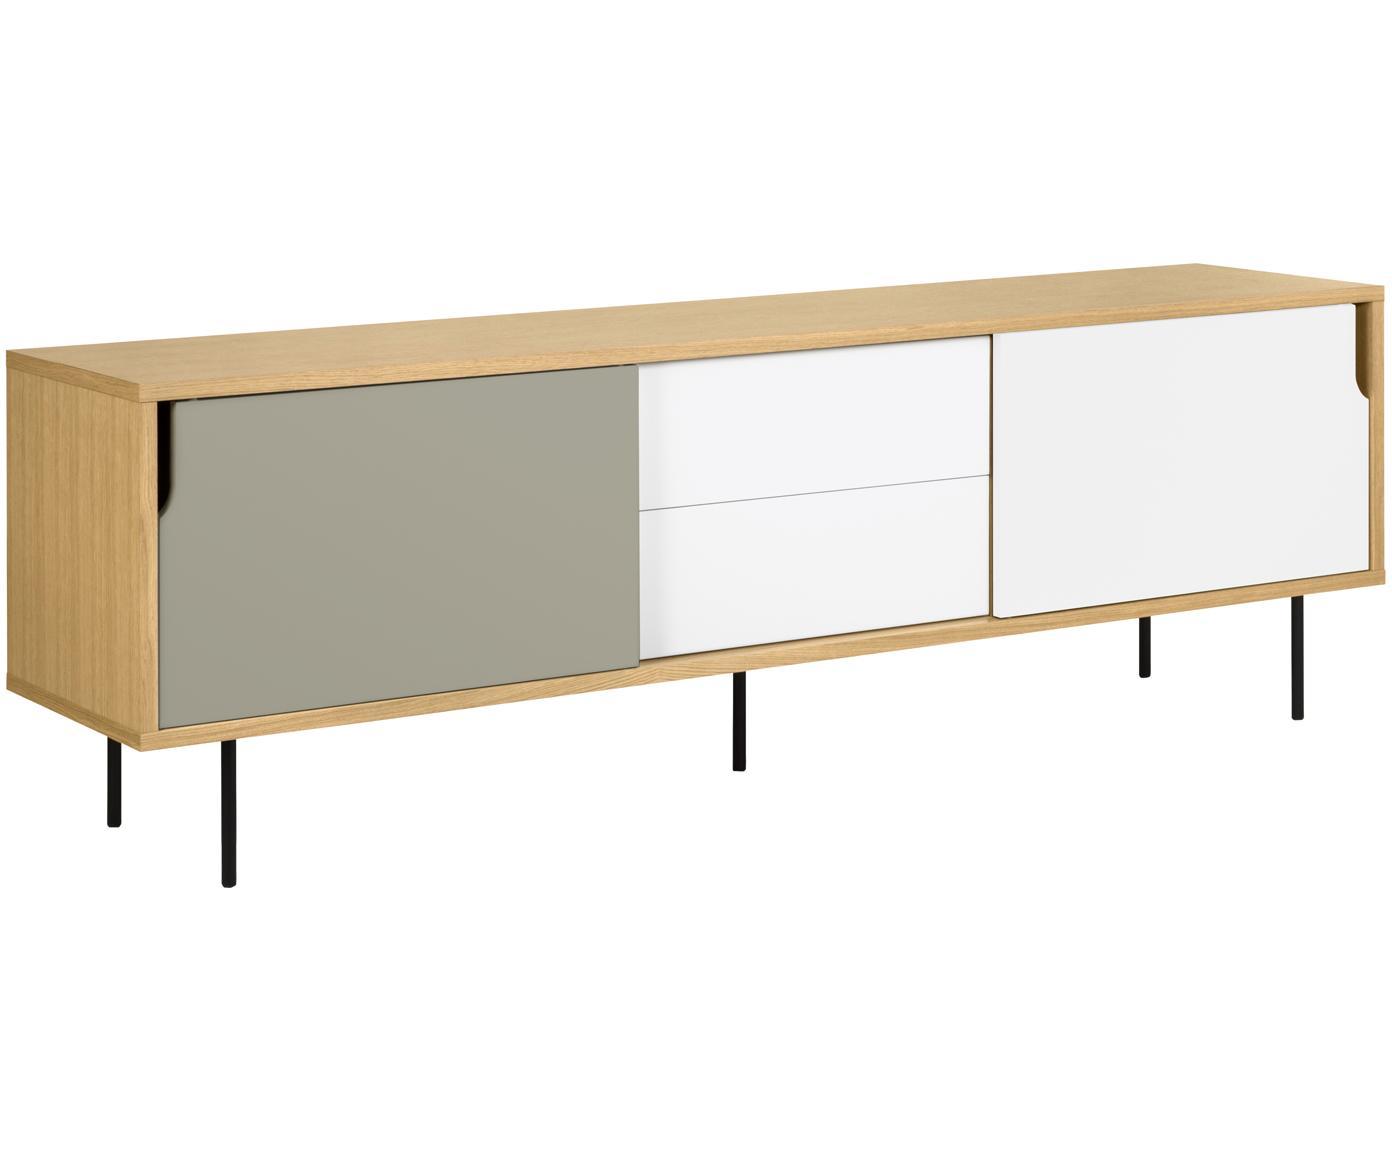 Sideboard Danny im Skandi Design, Oberfläche: Eichenechtholzfurnier, Korpus: Wabenkern Panel, Beine: Stahl, lackiert, Eiche, Weiß, Grau, 201 x 65 cm